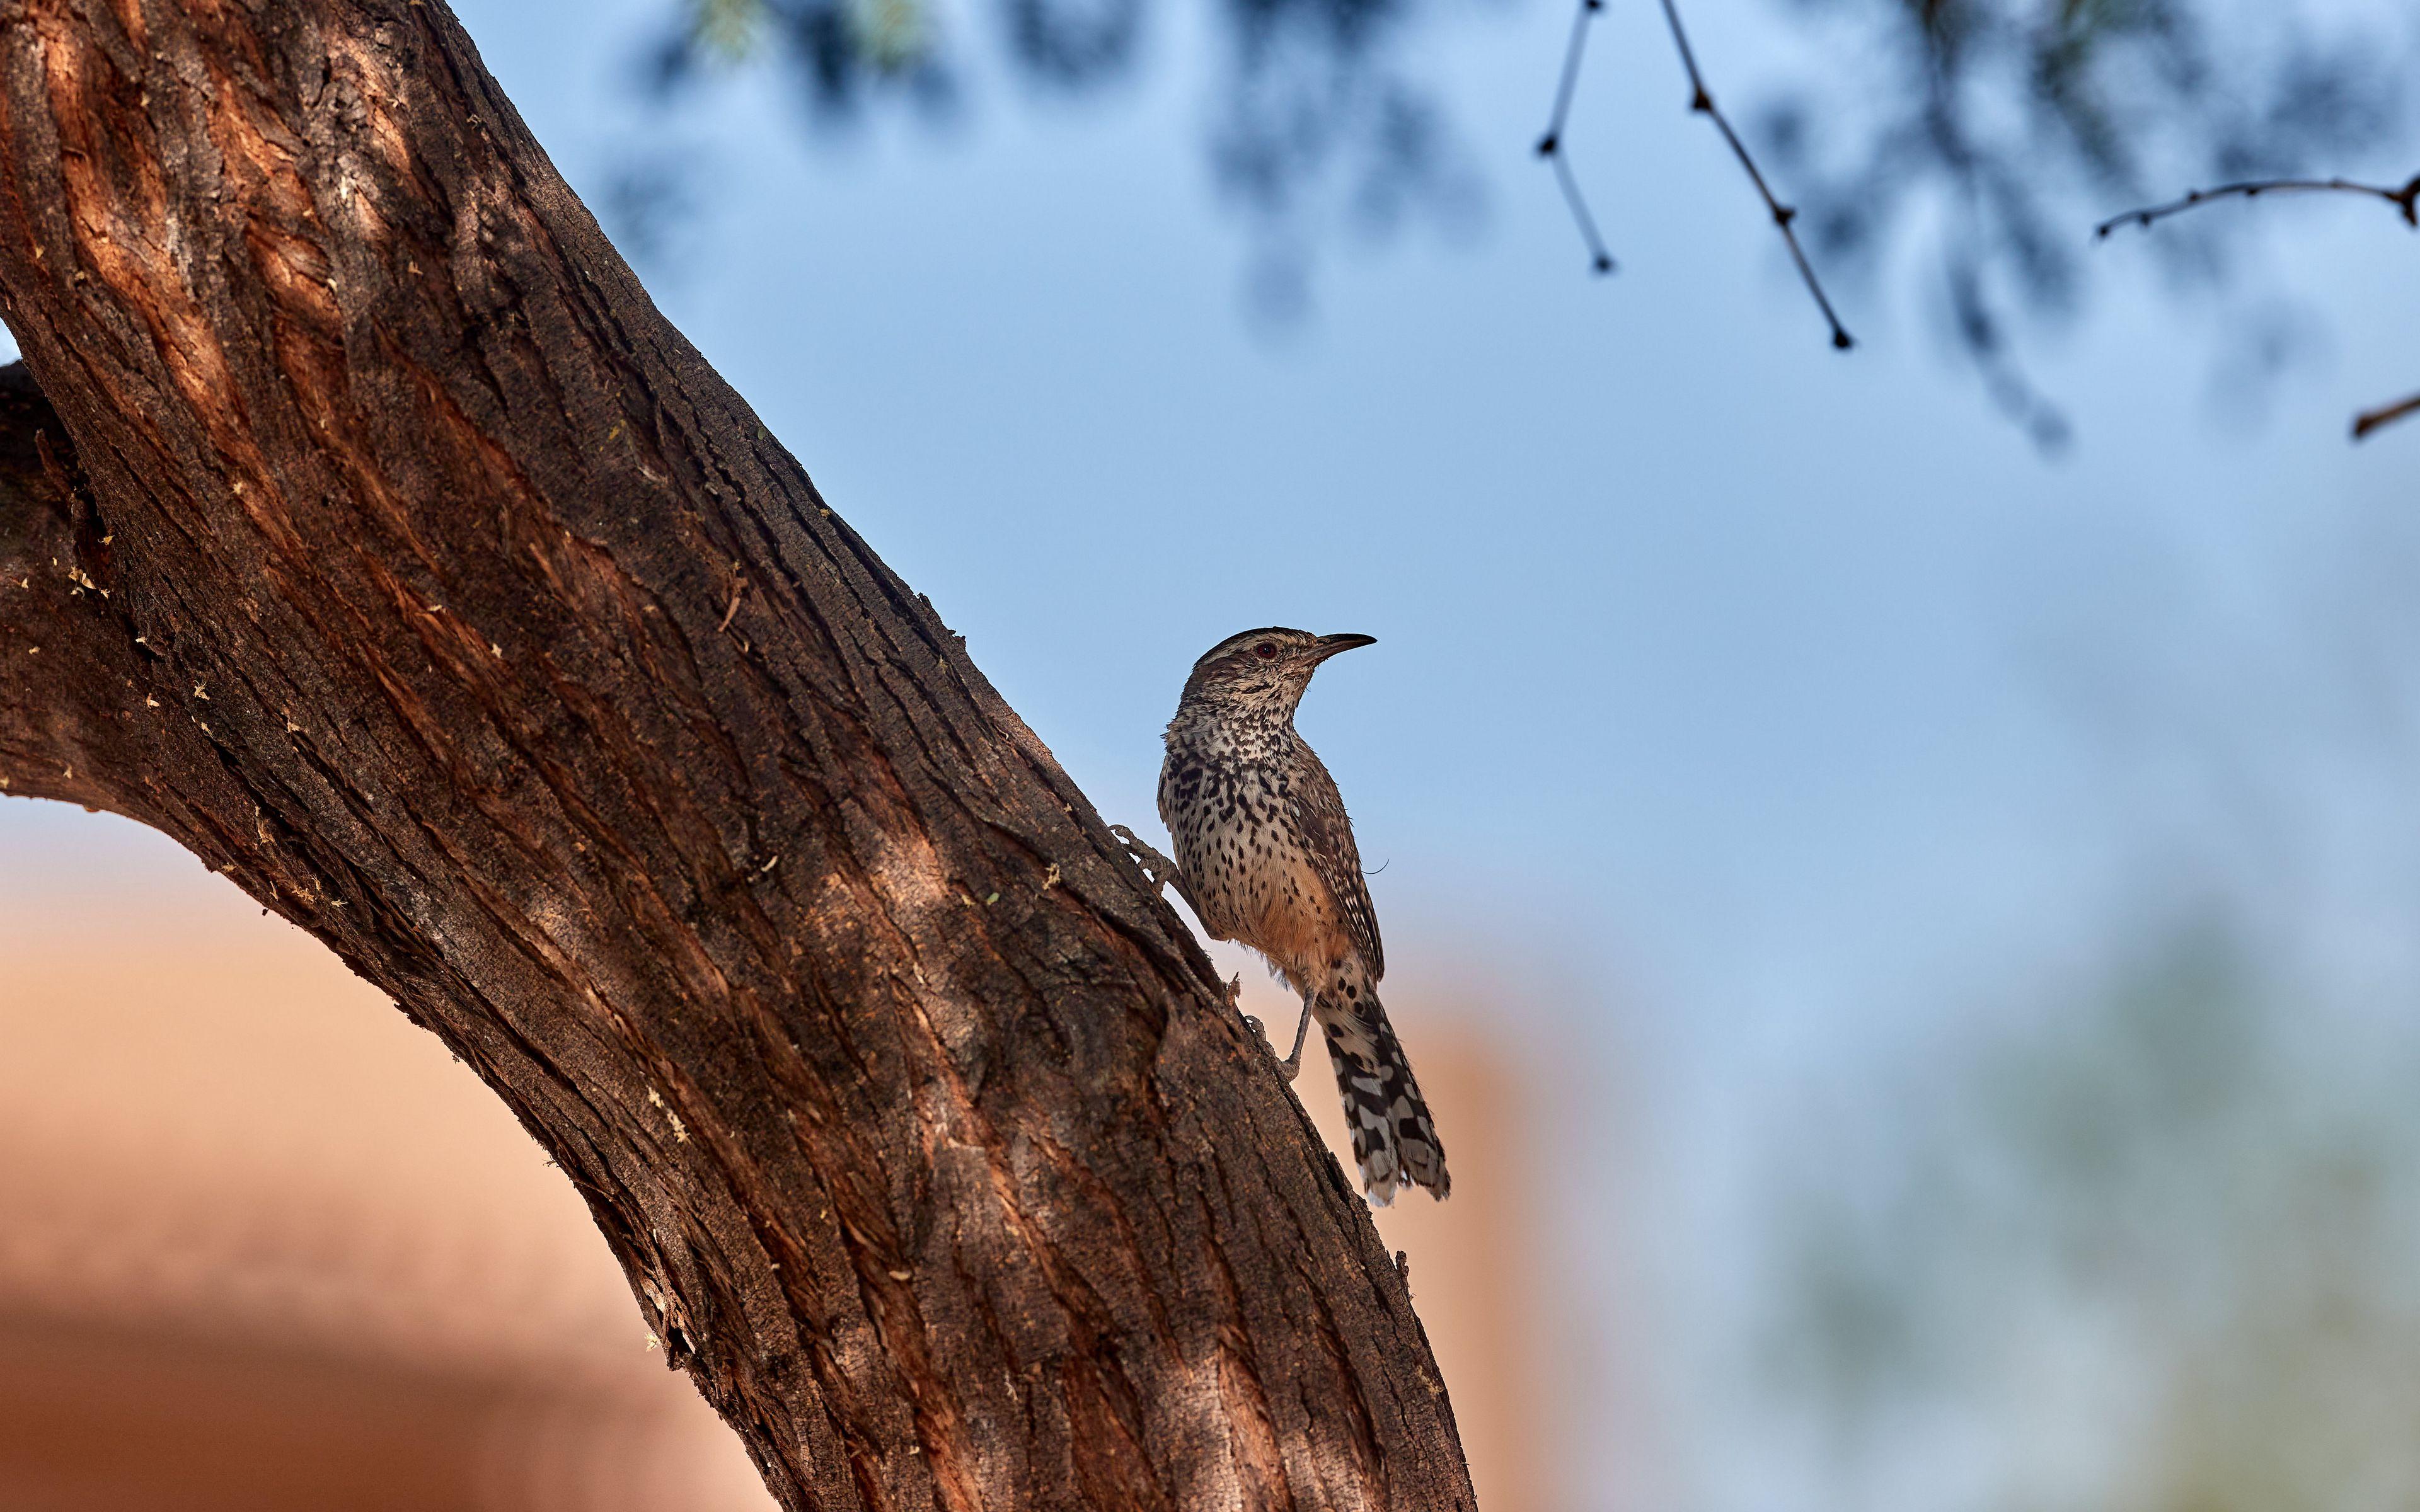 Wallpaper Thrush bird on tree